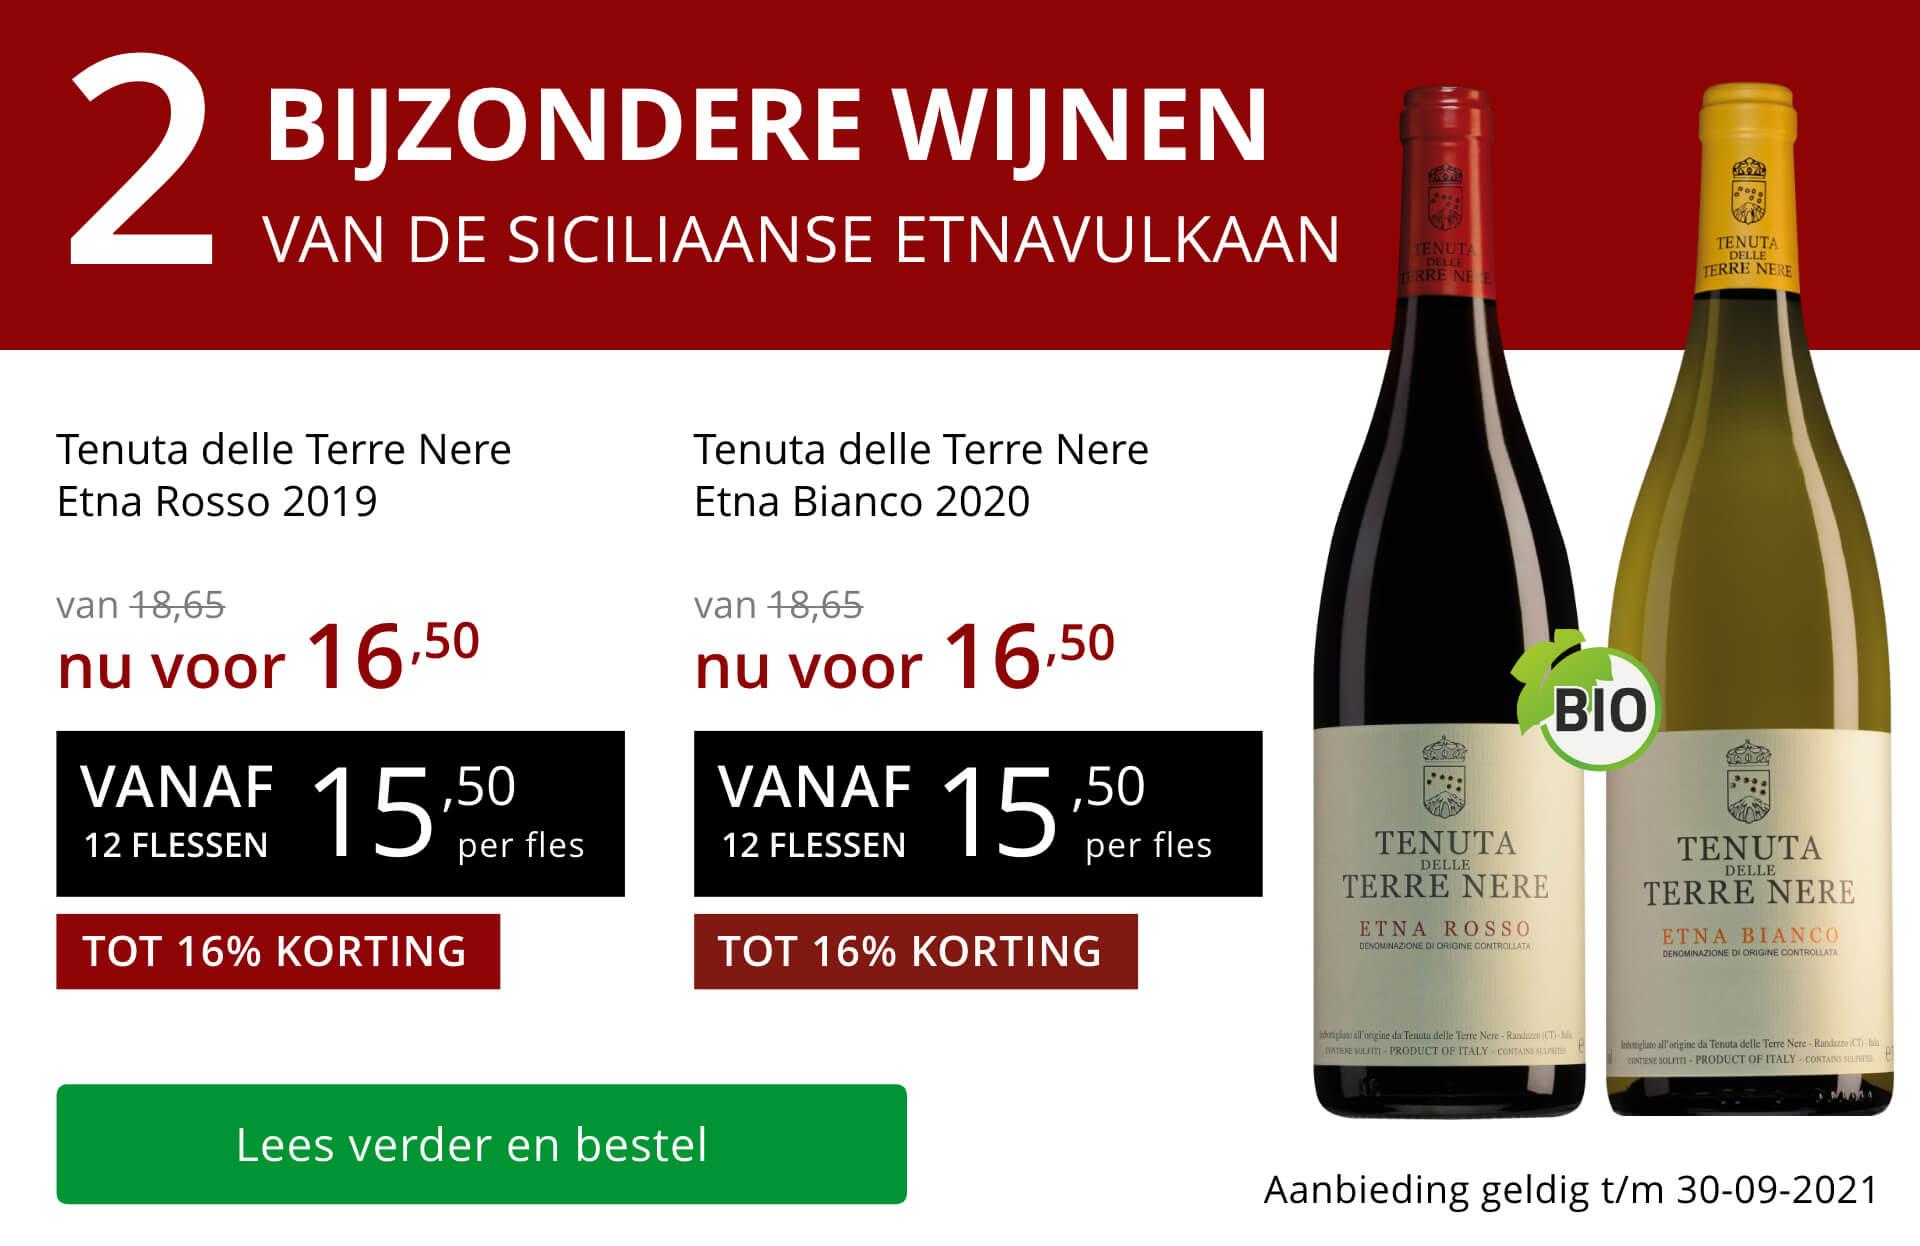 Twee bijzondere wijnen september 2021-rood